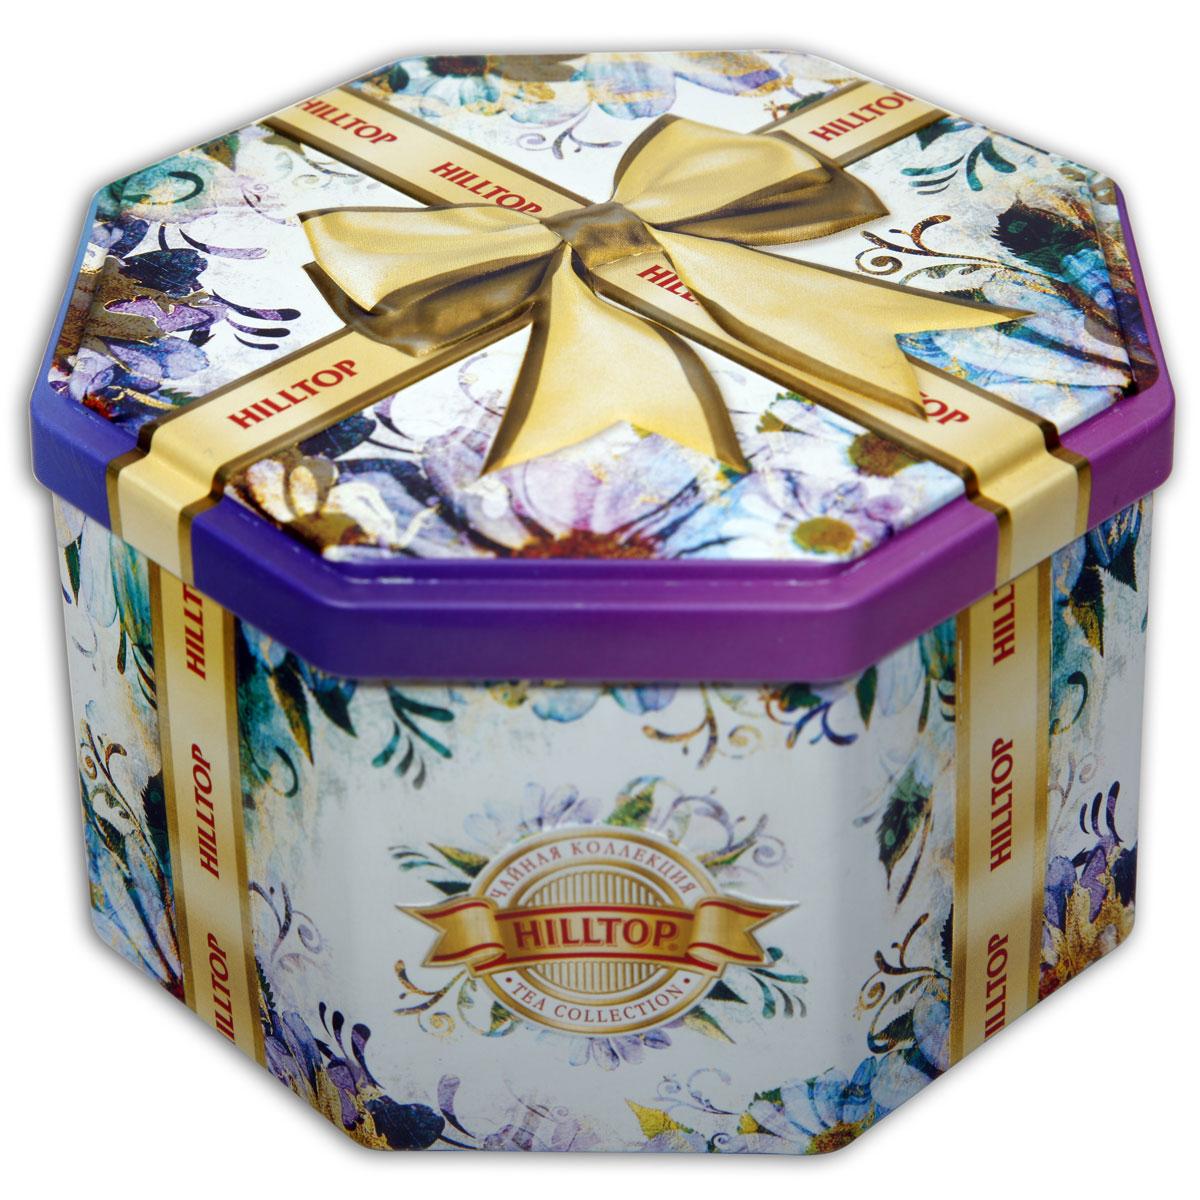 Hilltop Золотой бант ароматизированный листовой чай, 150 г4607099302532Крупнолистовой цейлонский черный чай Hilltop Золотой бант с листьями и тонизирующим ароматом чабреца